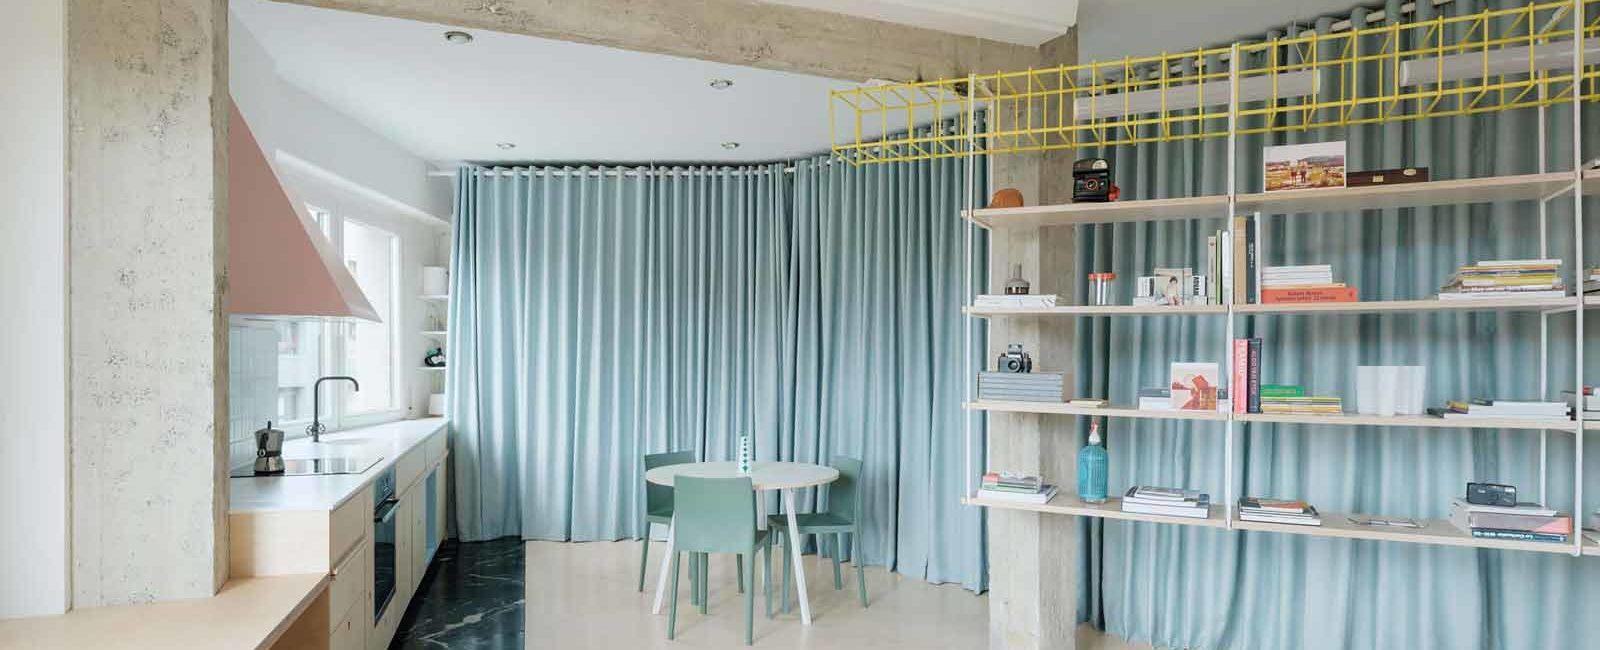 Lo studio Azab sostituisce le pareti divisorie con tende azzurre in un appartamento di Bilbao